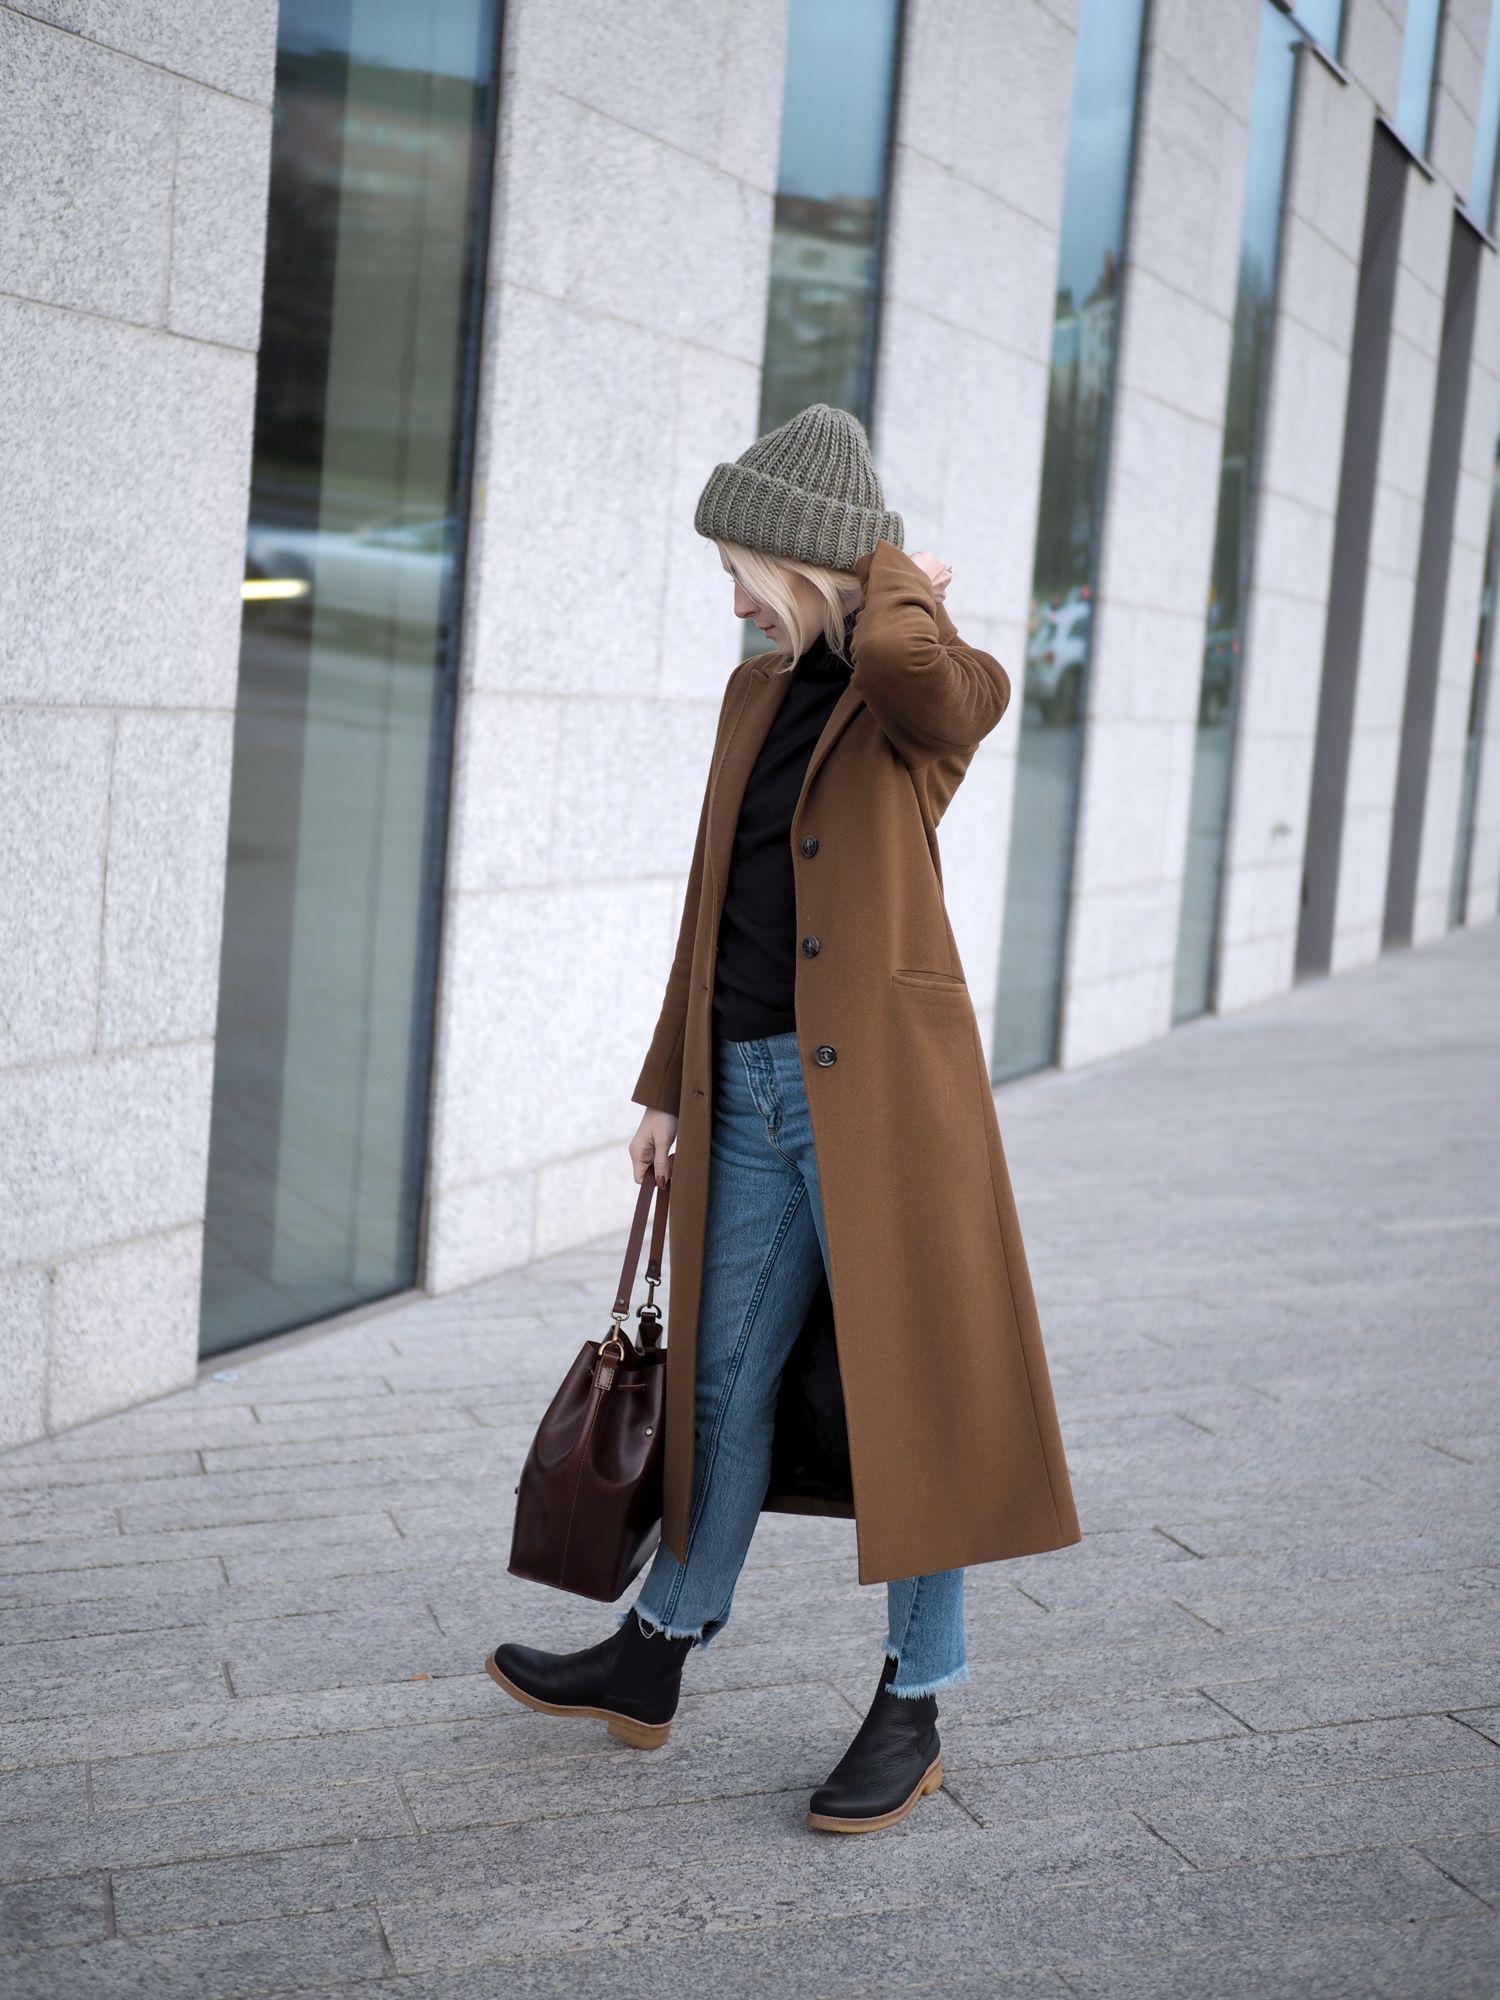 Yksi ilmastonmuutoksen pahimmista vauhdittajista on muoti- ja  vaateteollisuus. Muodista ja tyylistä bloggaavana minulla on varmasti  enemmän vaatteita kuin ... 4322b99580